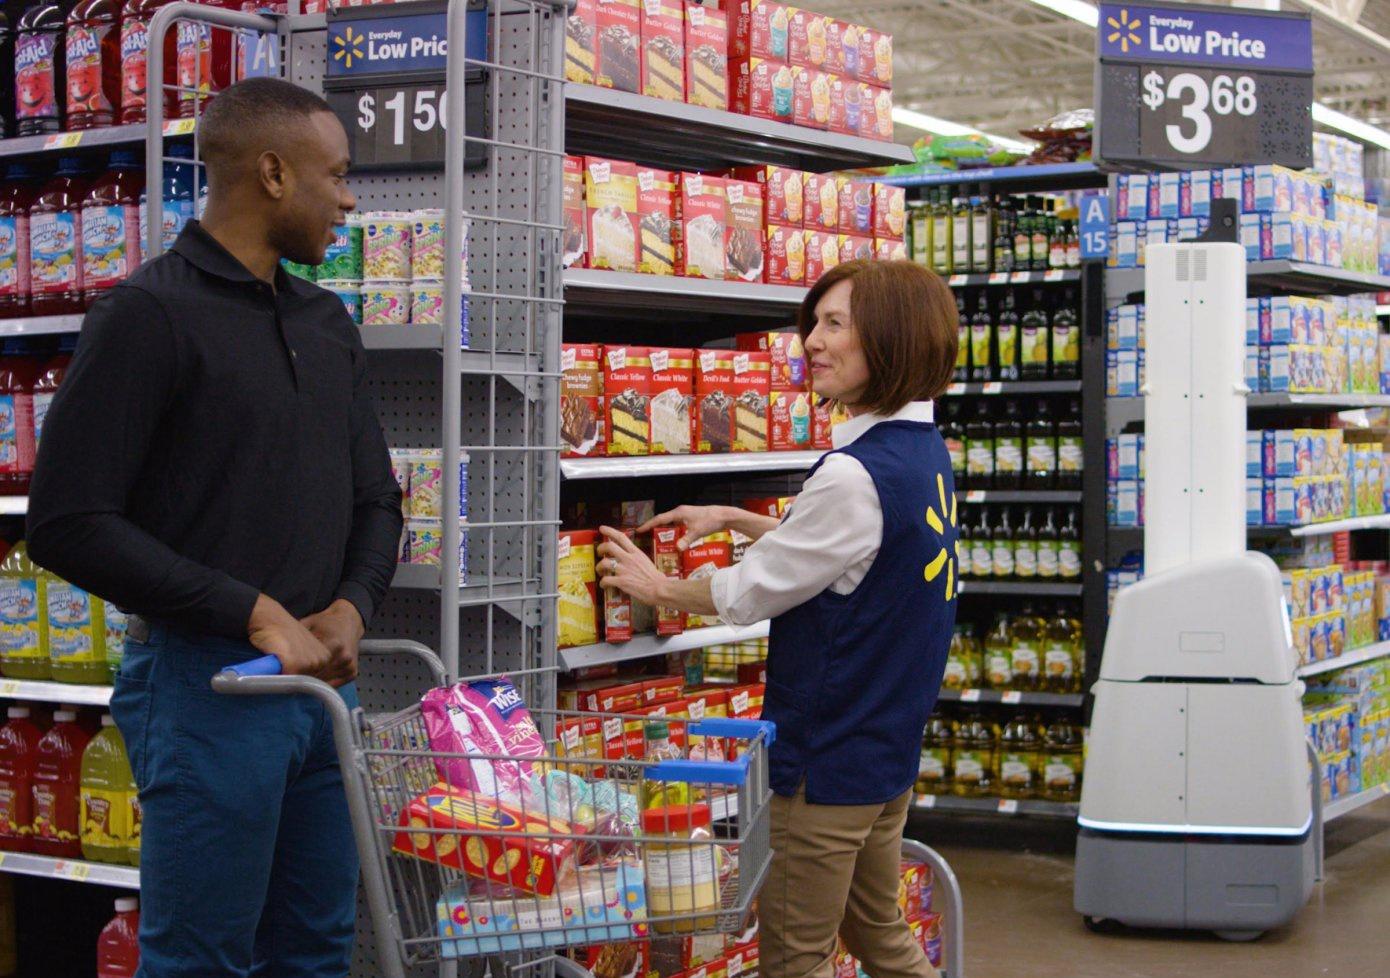 Еще больше роботов: Walmart внедряет тысячи машин для работы в своих магазинах - 1